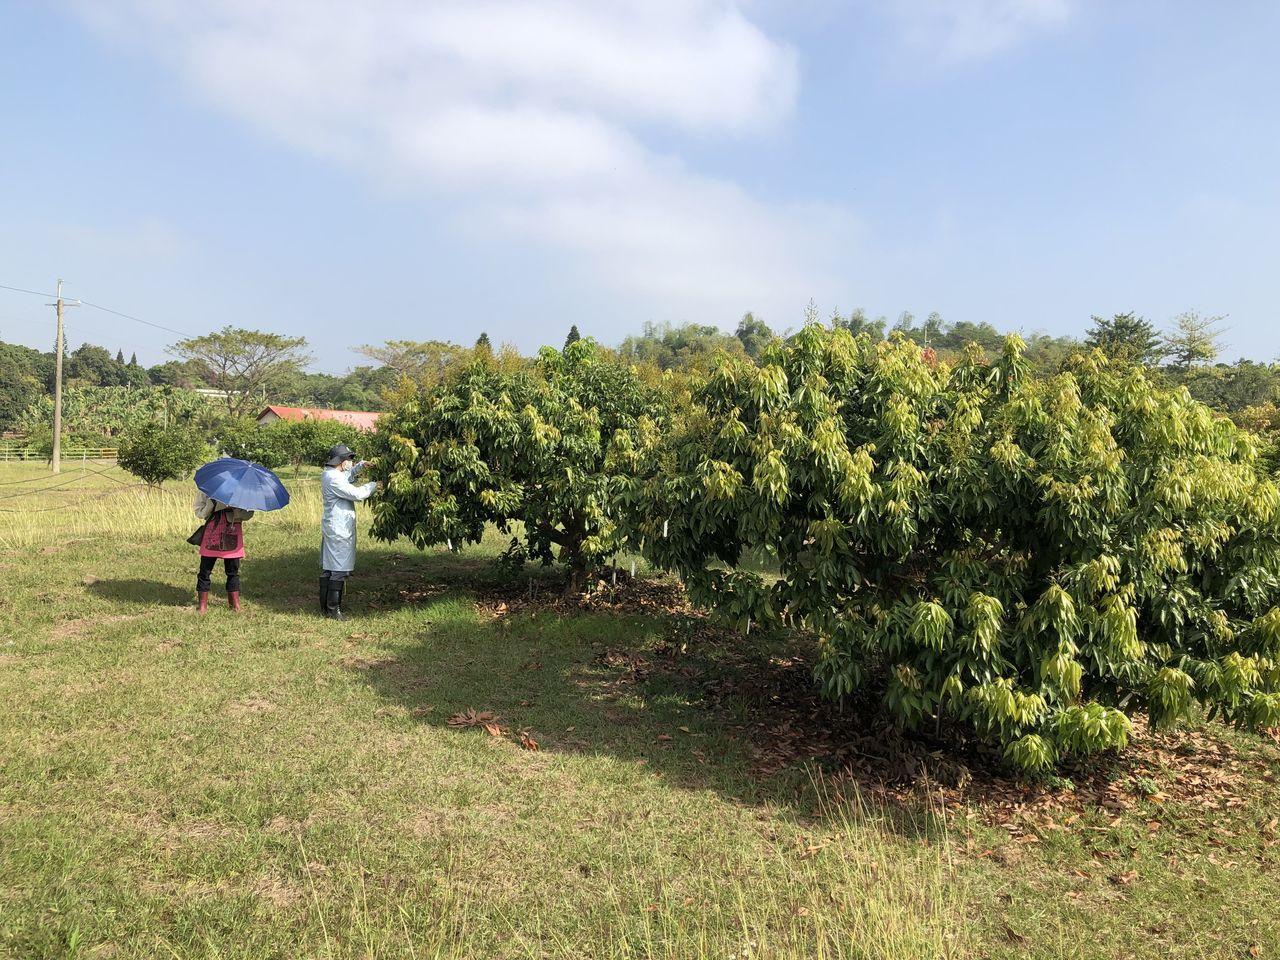 旱象嚴重,嘉義農試所栽種荔枝樹一樣受災,荔枝樹吐葉芽,不吐花芽沒結穗。記者魯永明...